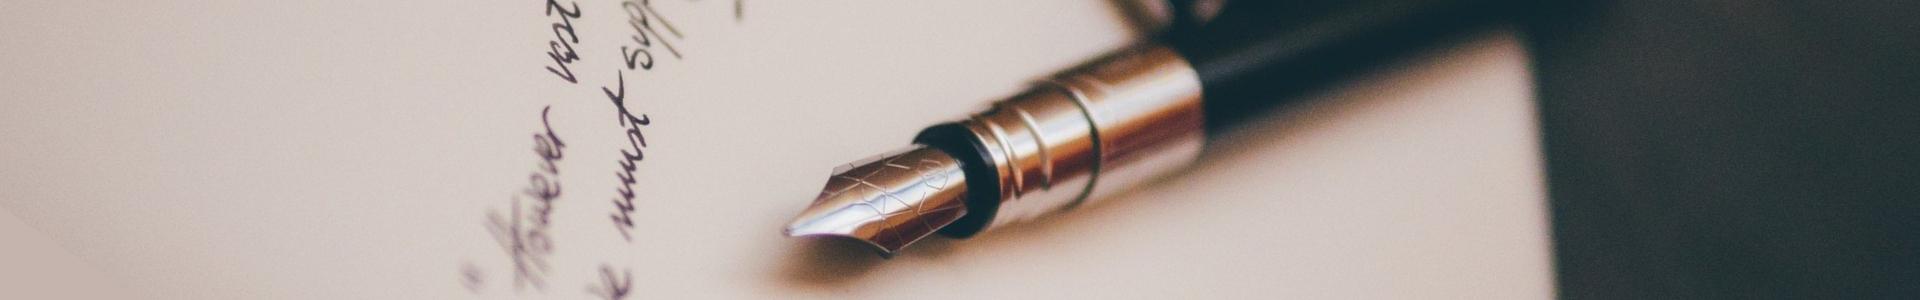 fountain-pen-1854169_1920